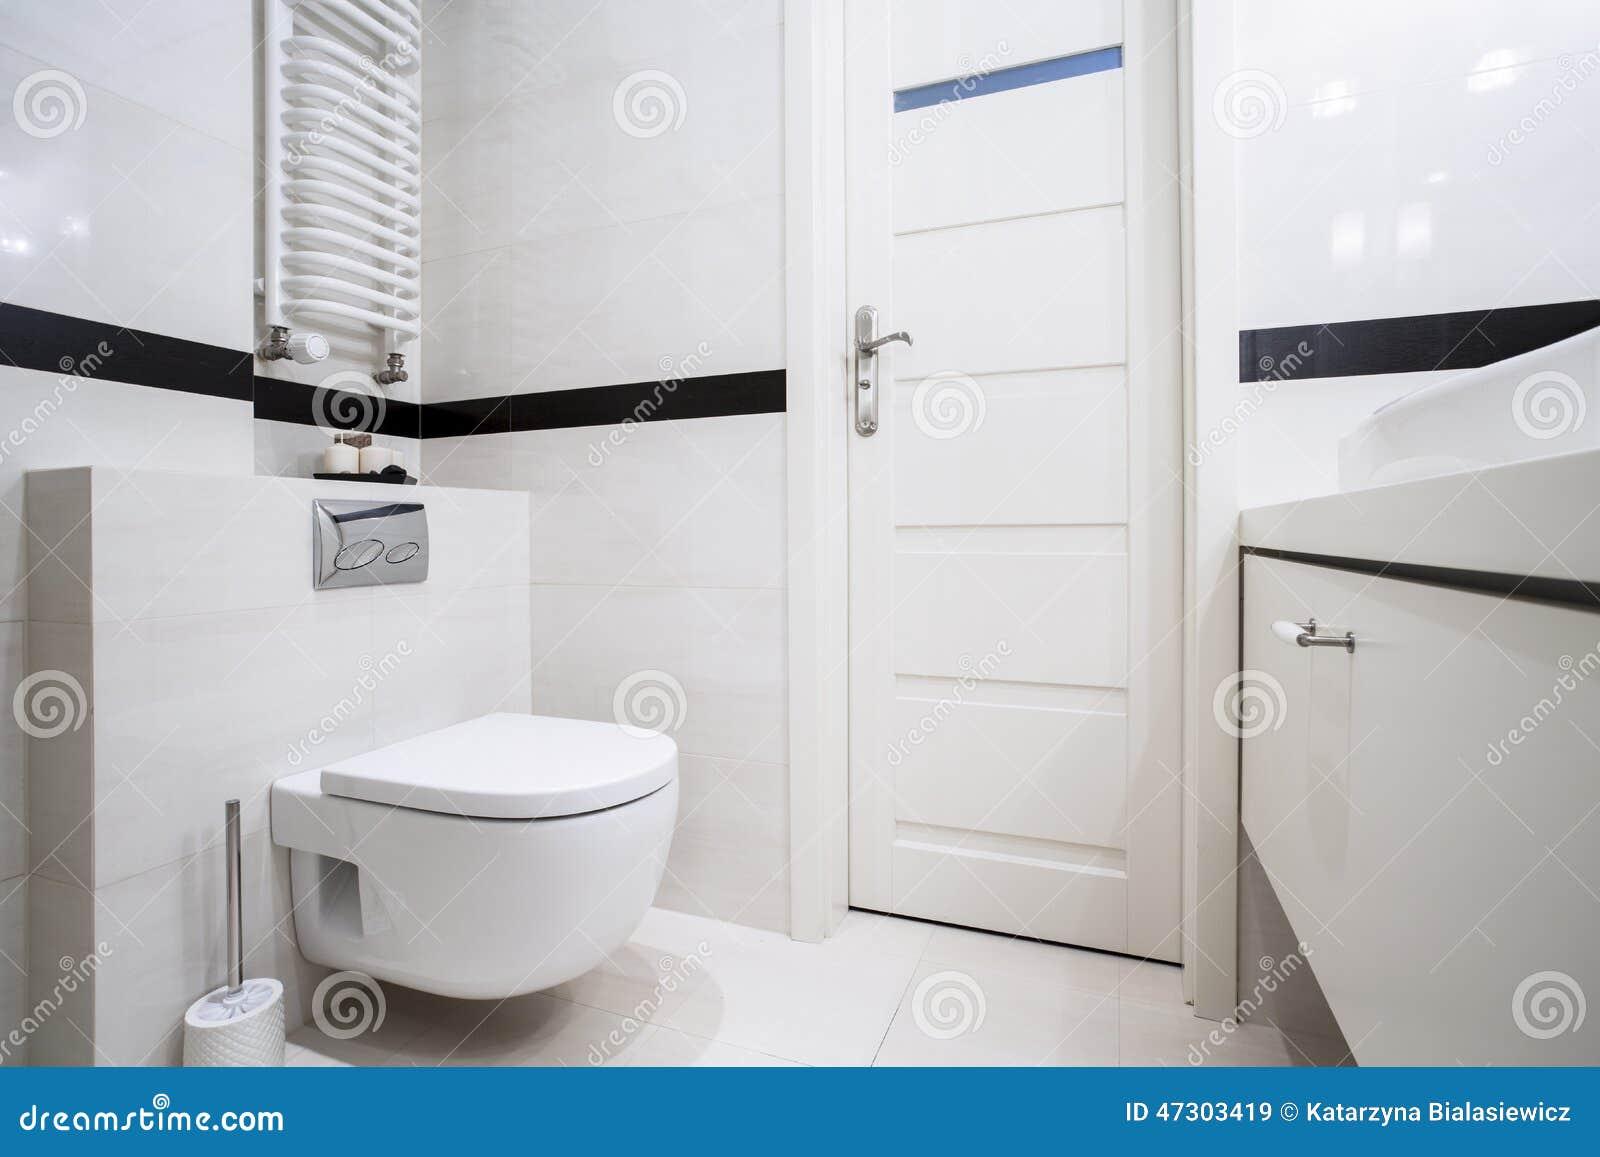 Del cuarto de ba o parte posterior y blanco modernos - Cuarto bano moderno ...